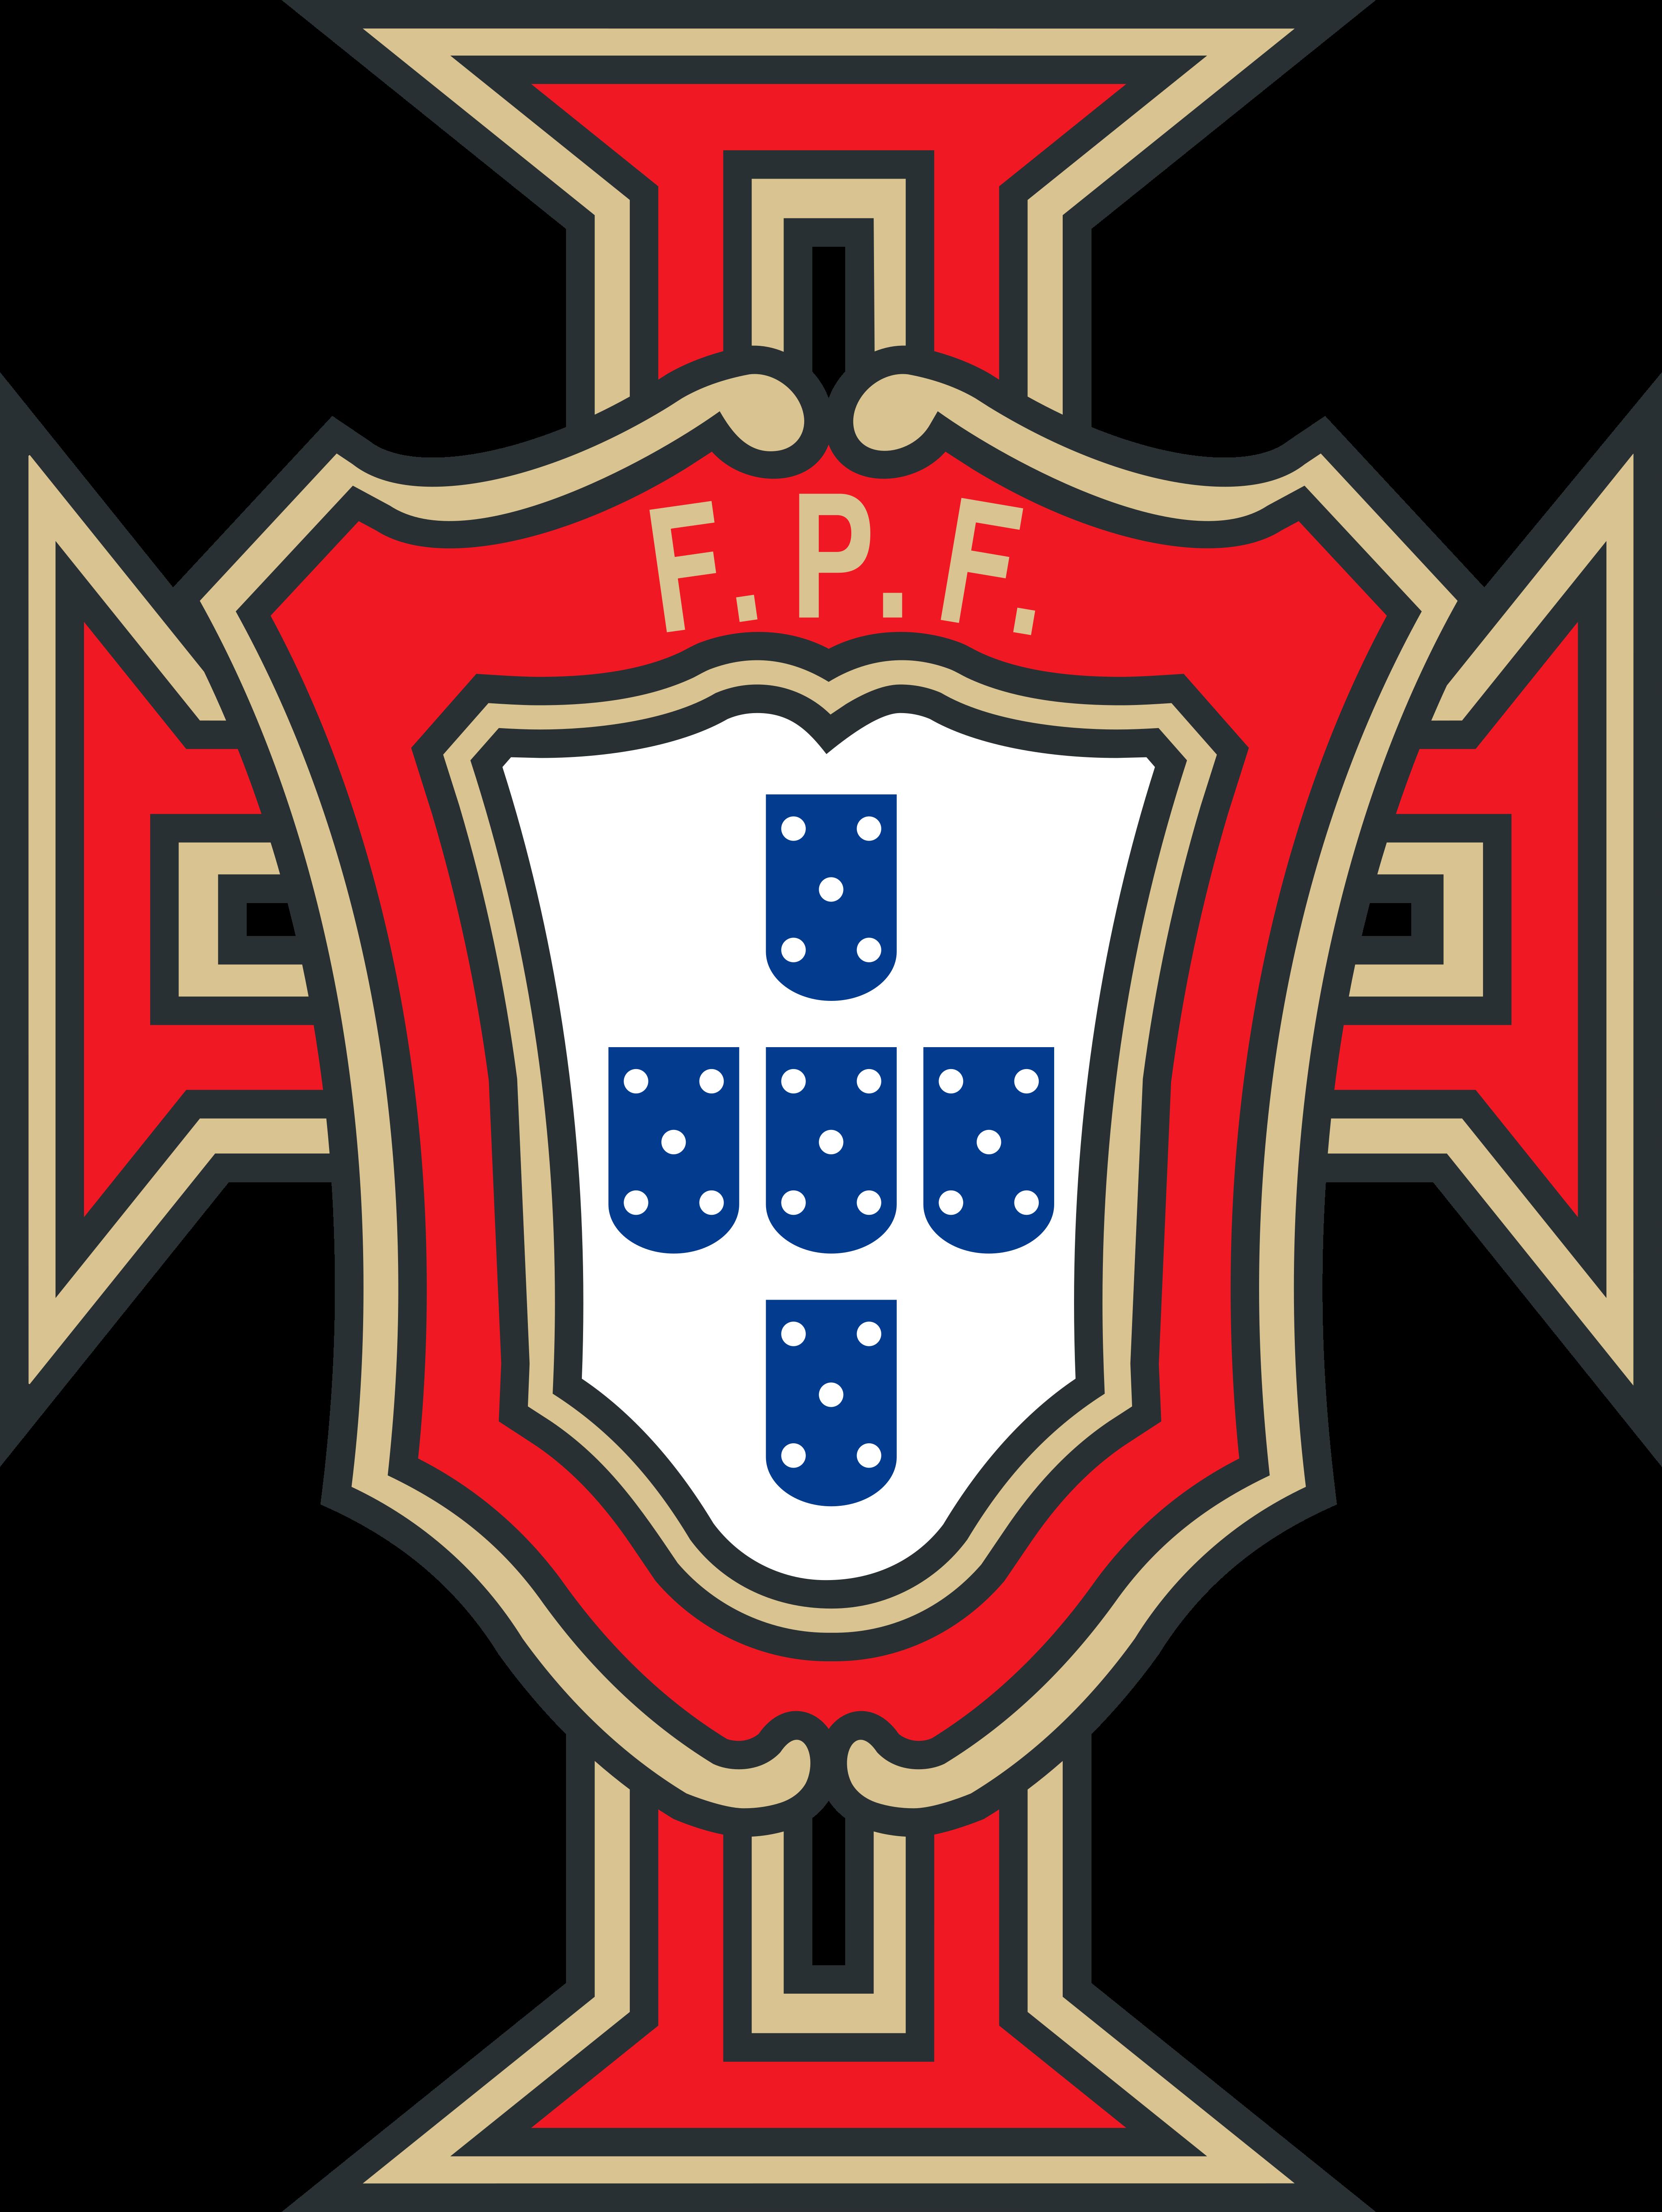 FPF - Seleção de Futebol de Portugal Logo.